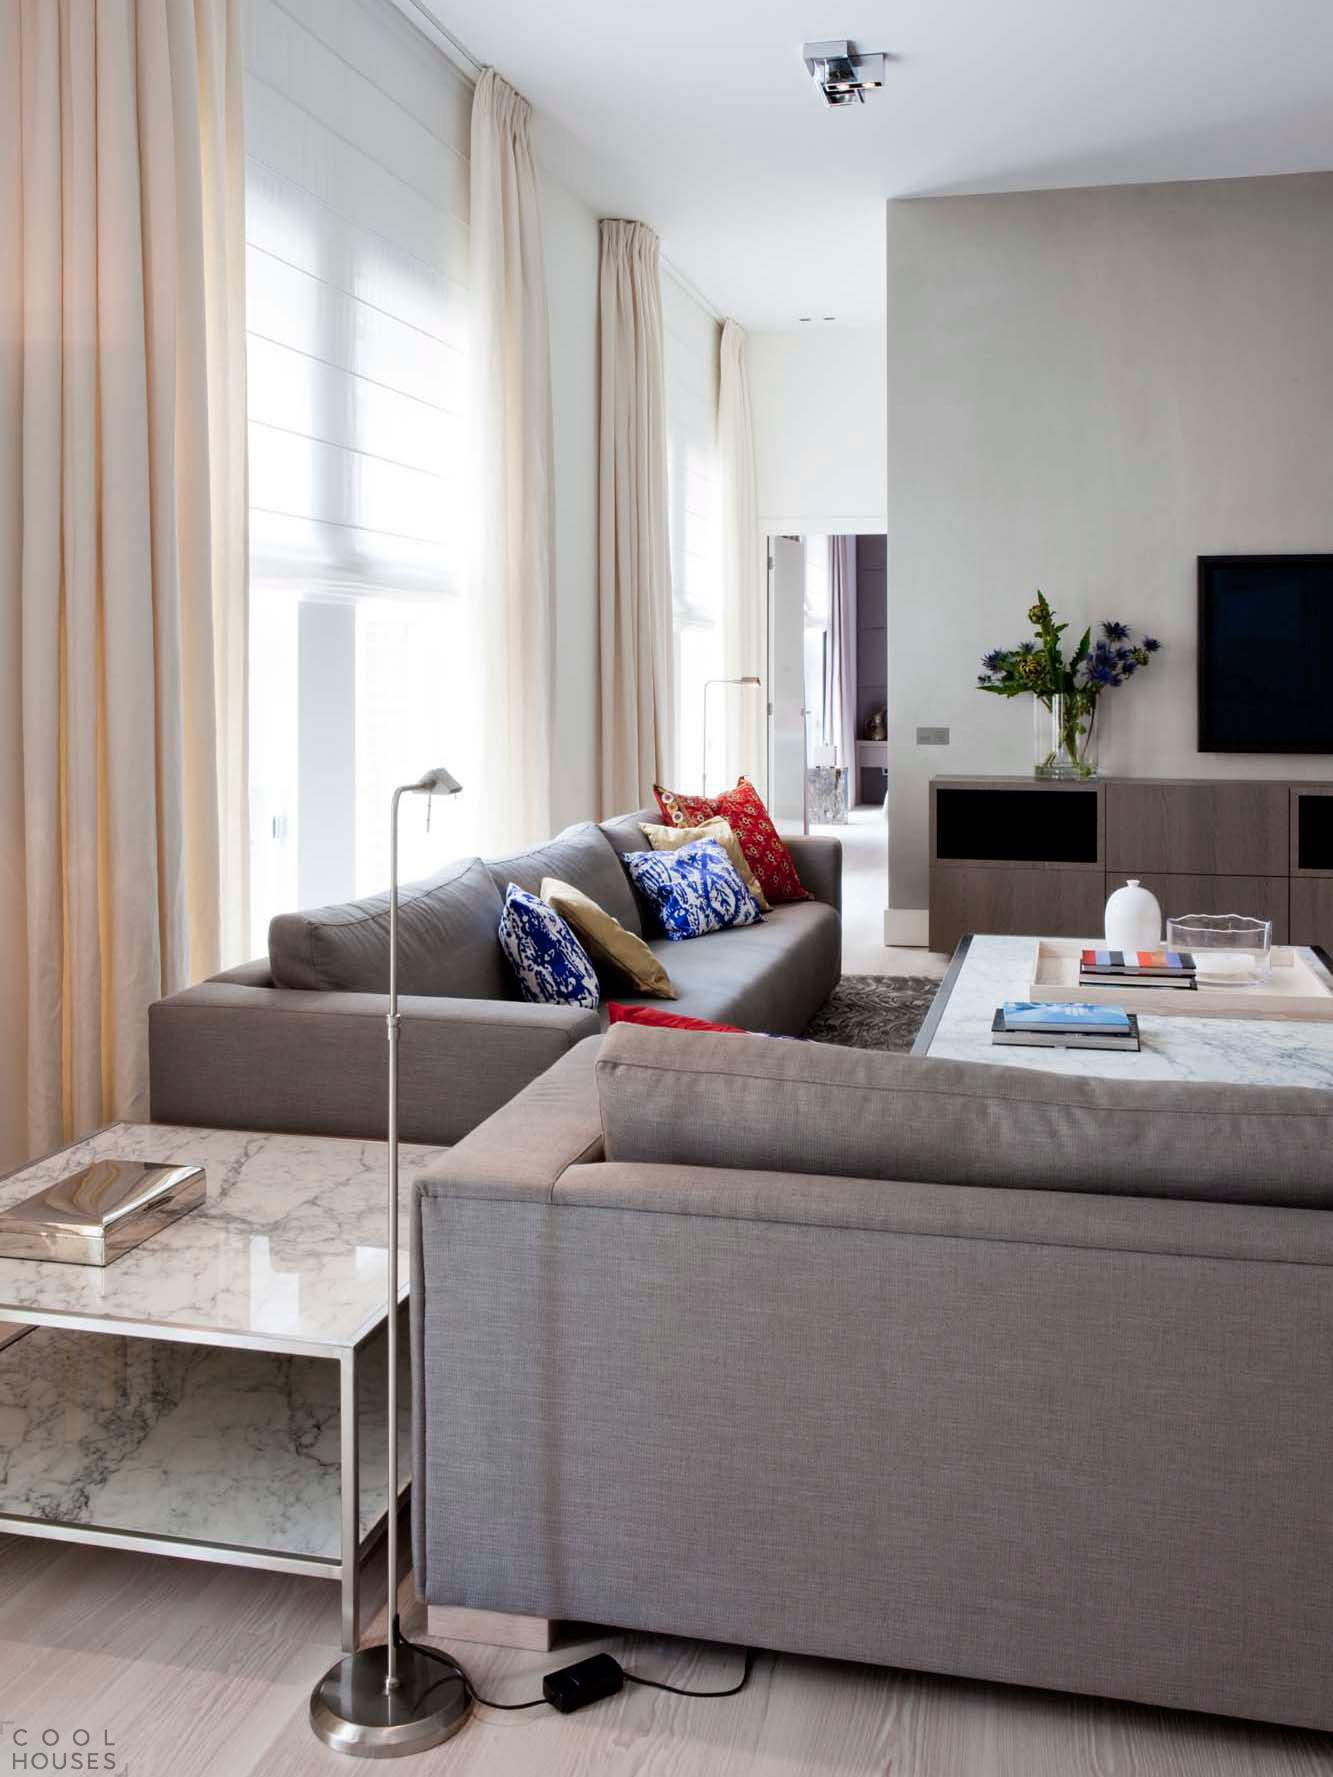 Современная двухуровневая квартира в Амстердаме, Нидерланды